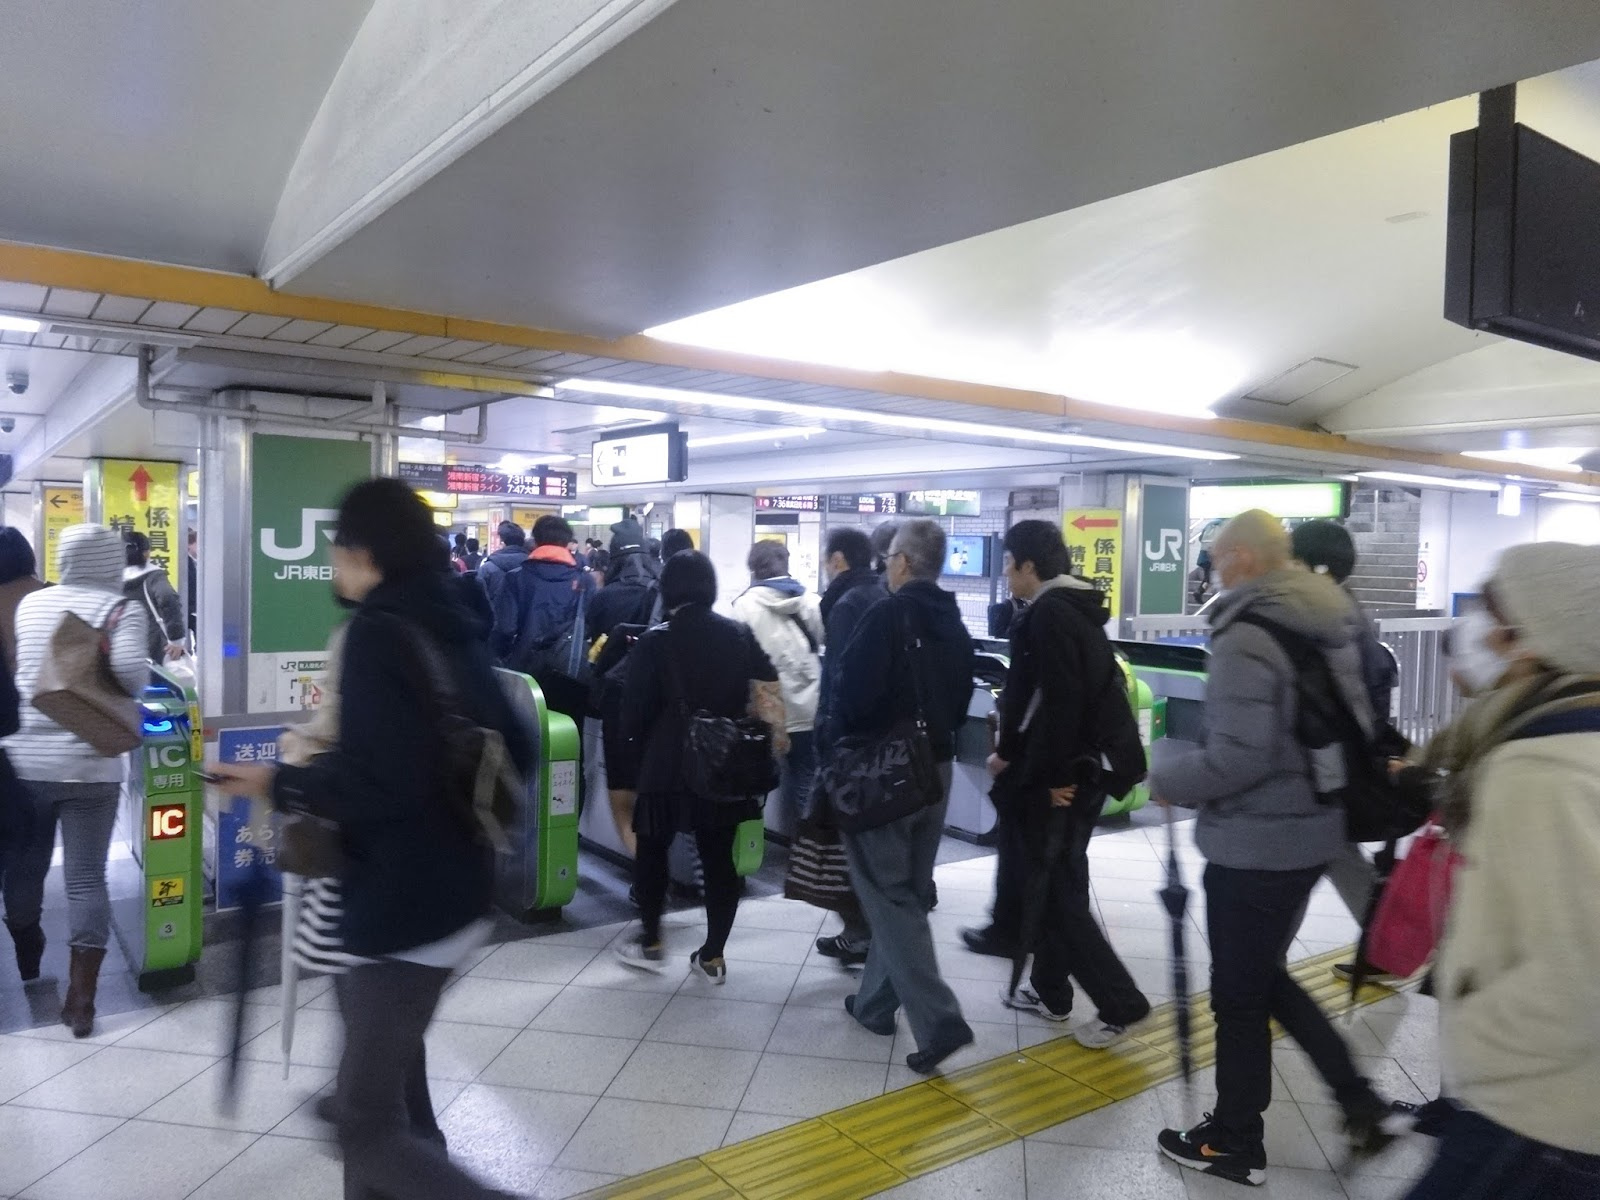 群衆,改札,池袋駅〈著作権フリー画像〉Free Stock Photos